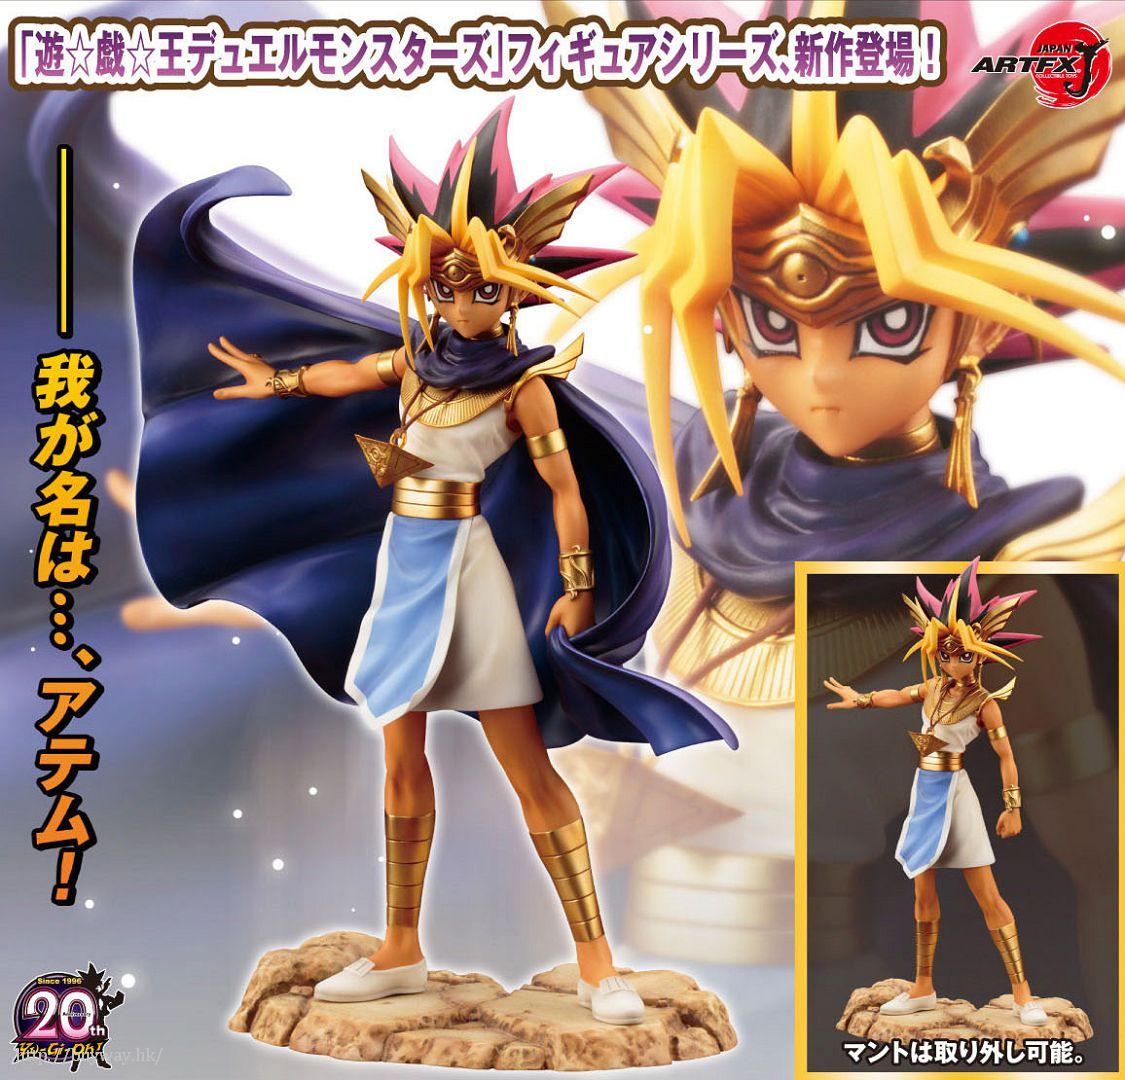 遊戲王 ARTFX J 1/7「闇遊戲」 ARTFX J Atem【Yu-Gi-Oh!】